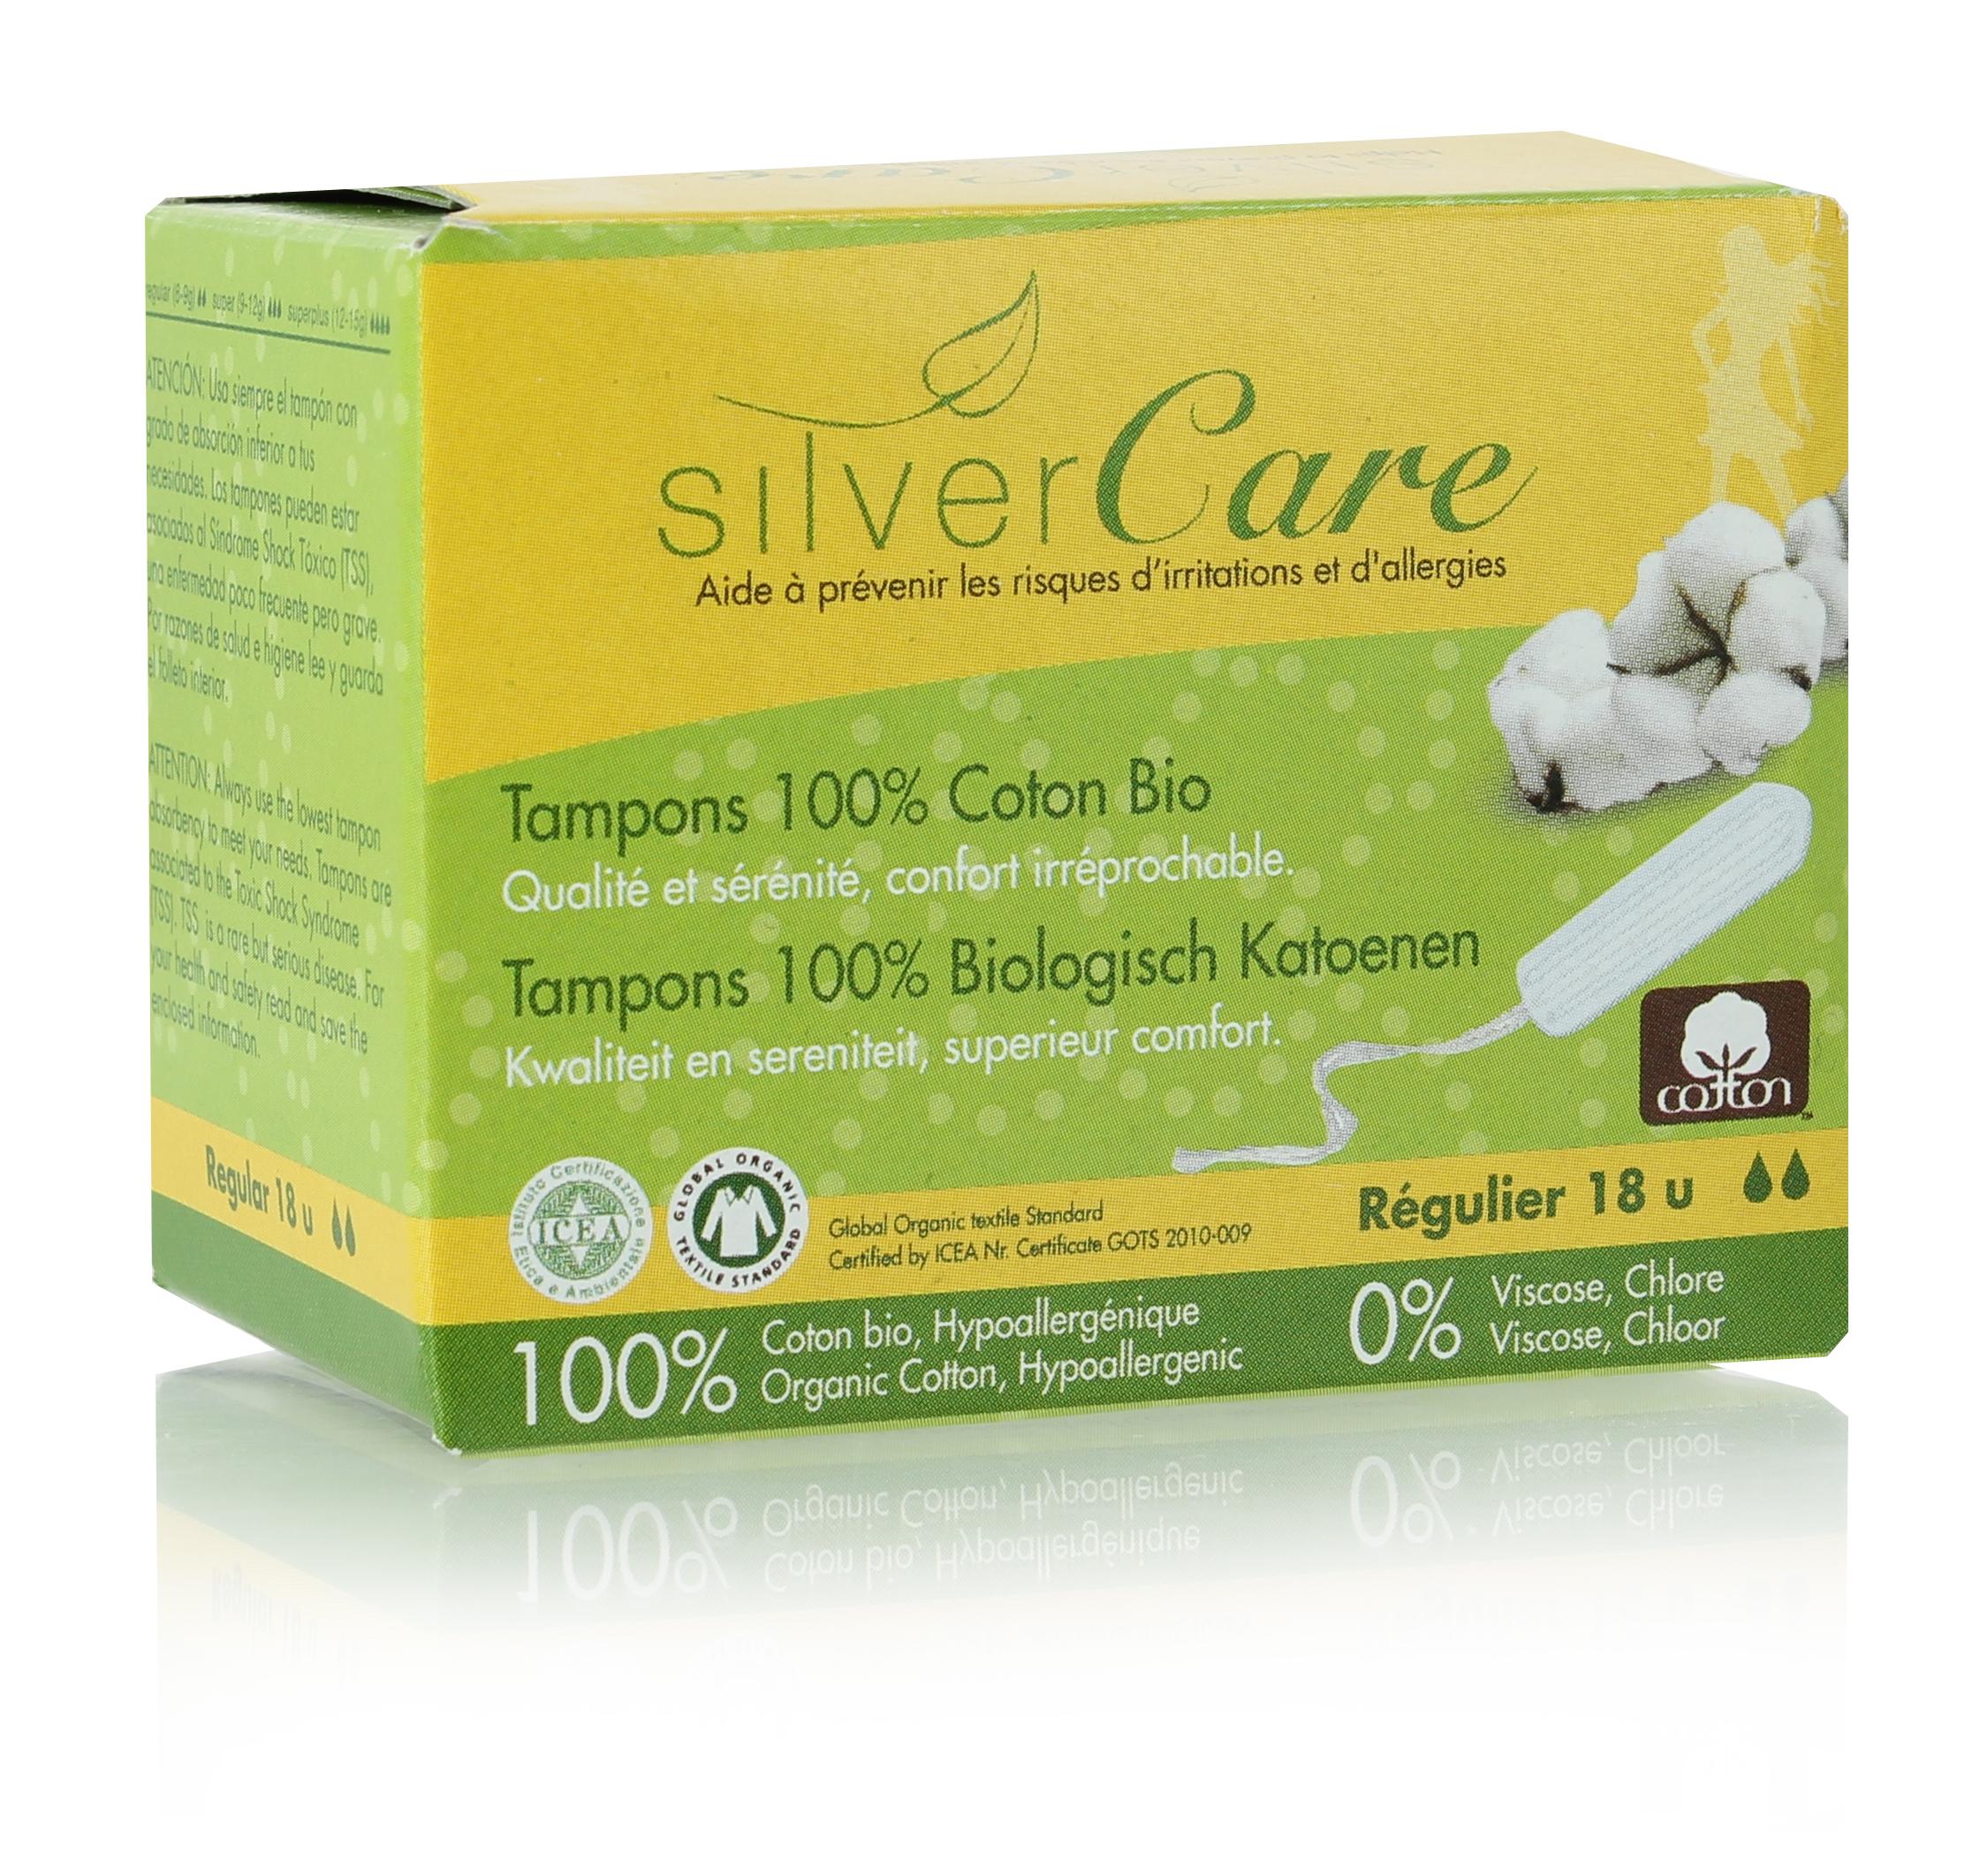 Doux Good - Silvercare - tampon bio régulier sans applicateur